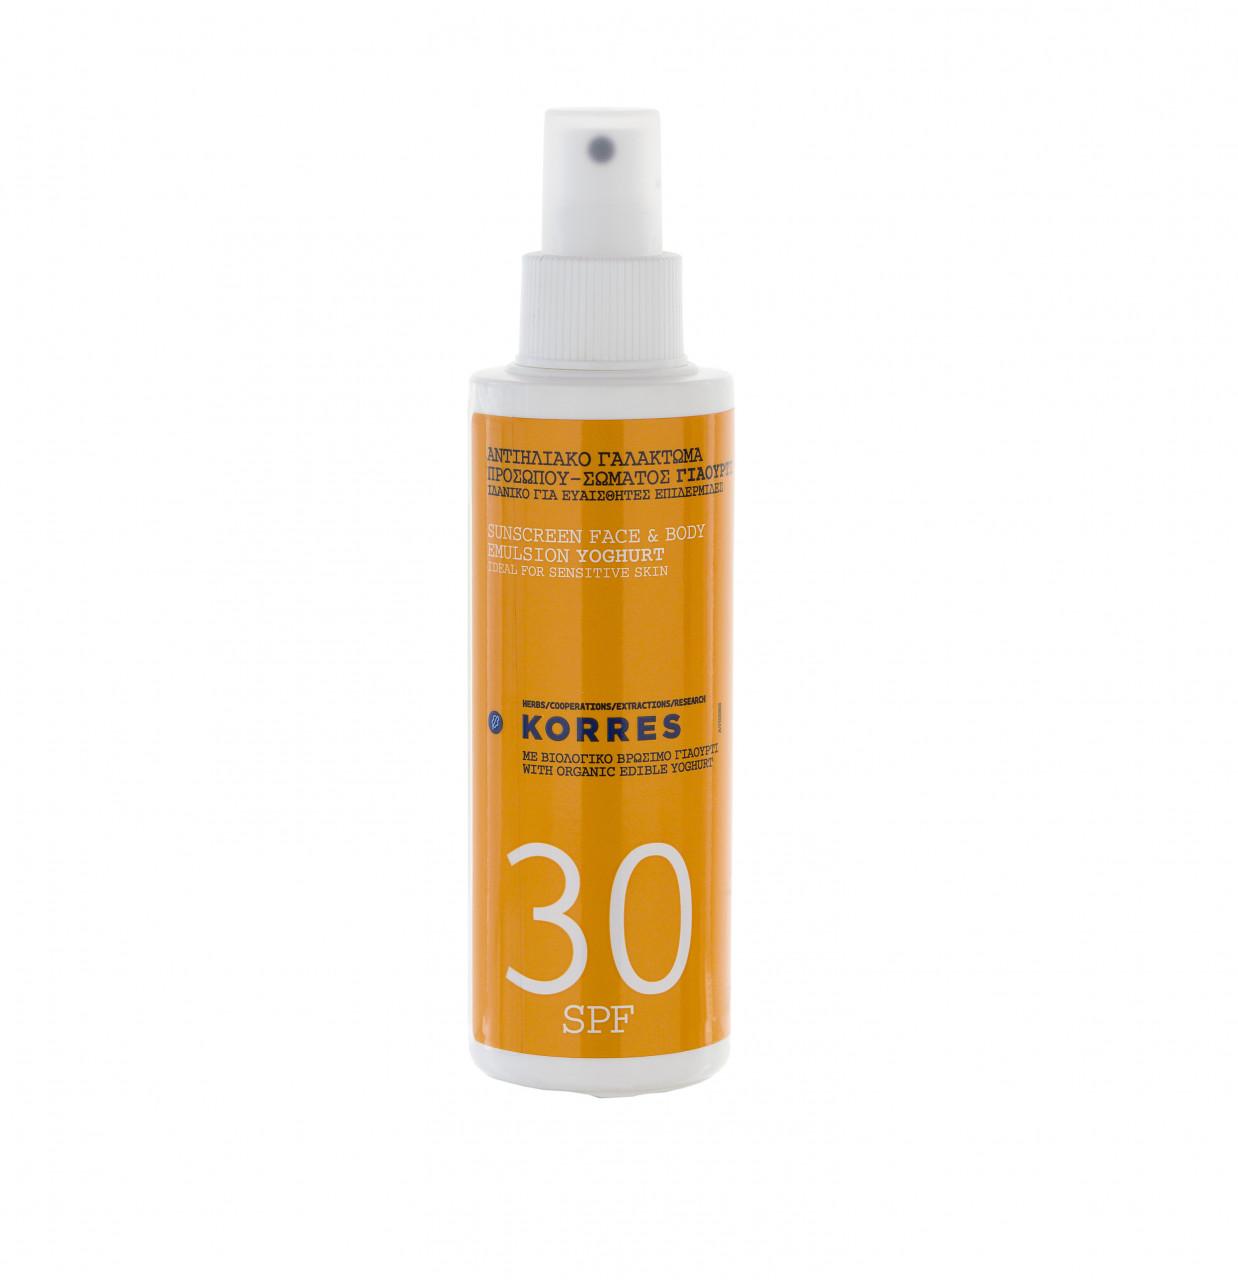 Sunscreen Face & Body Emulsion Yoghurt SPF 30